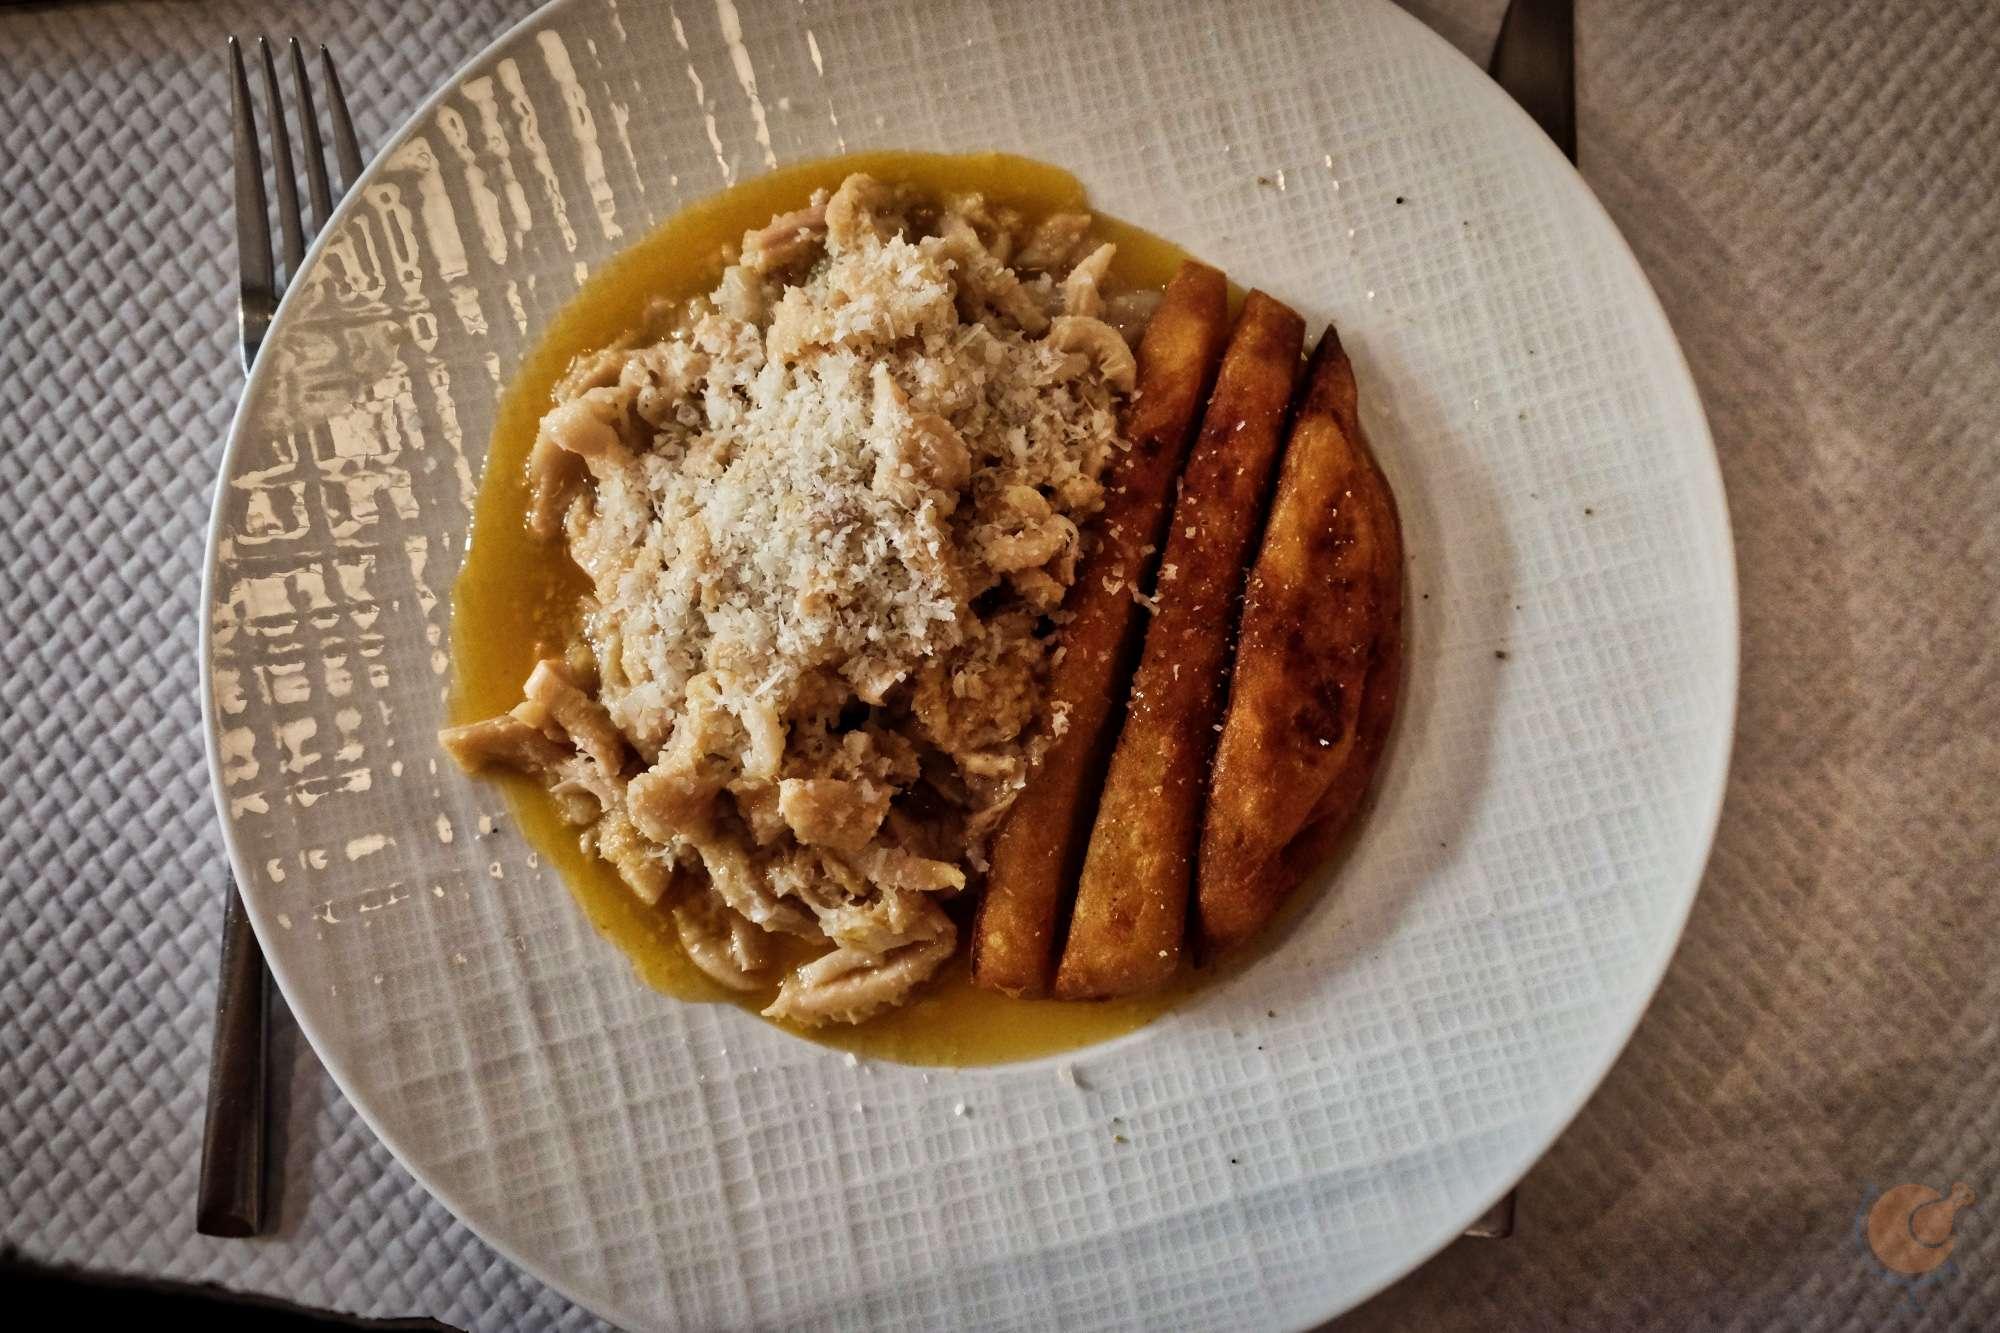 dscf1307_la_merenda_nice_nizza_restaurant_vilagevo_jokuti_andras_l_w.jpg